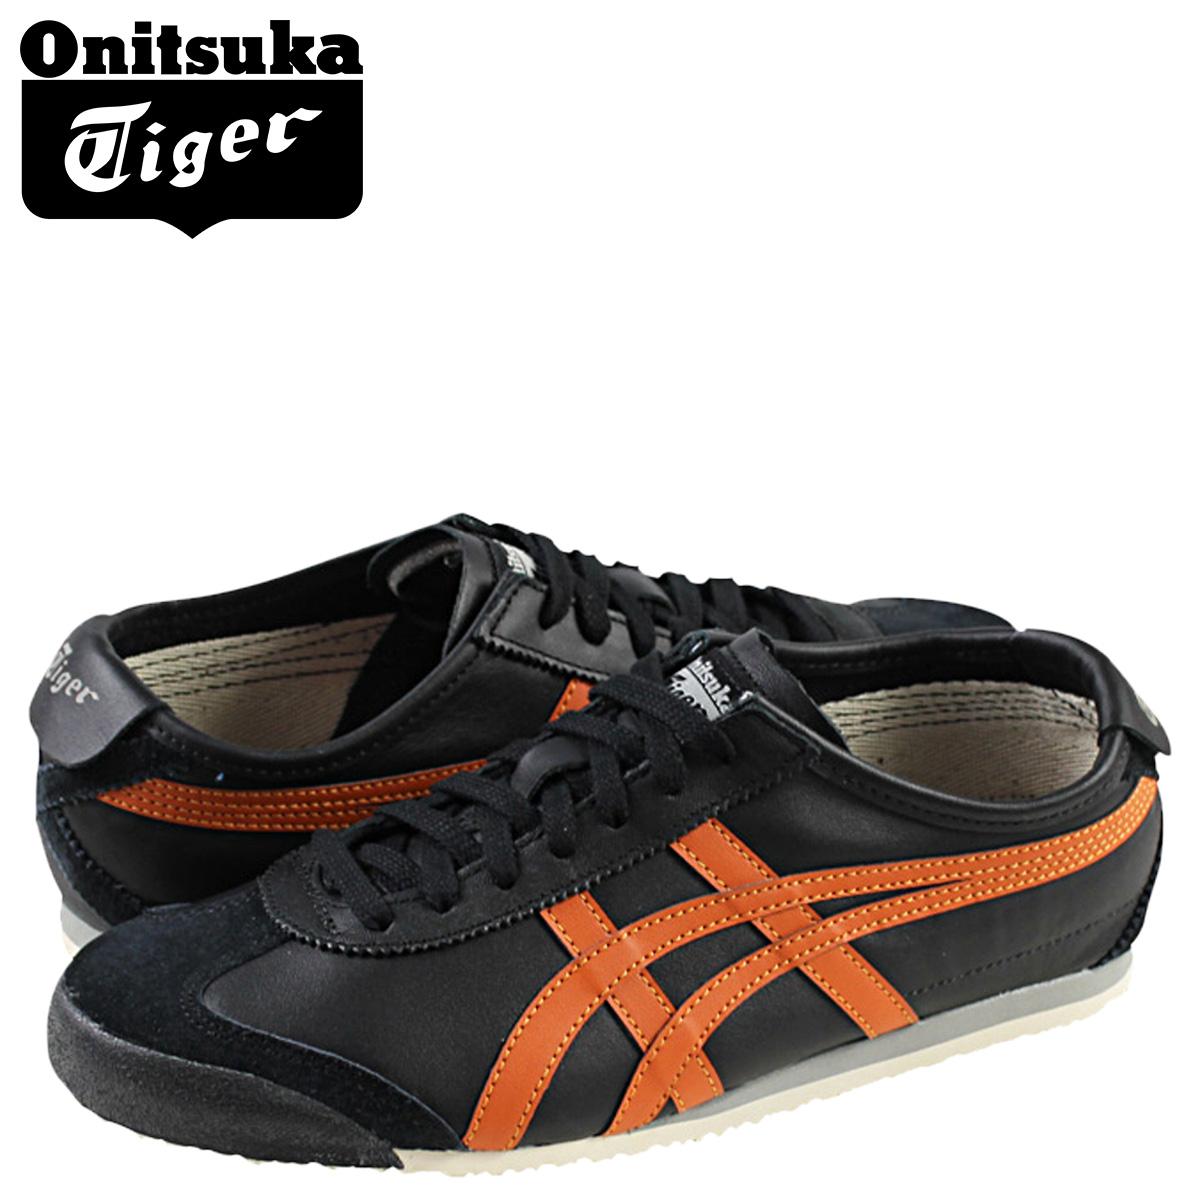 onitsuka tiger mexico 66 black friday 600